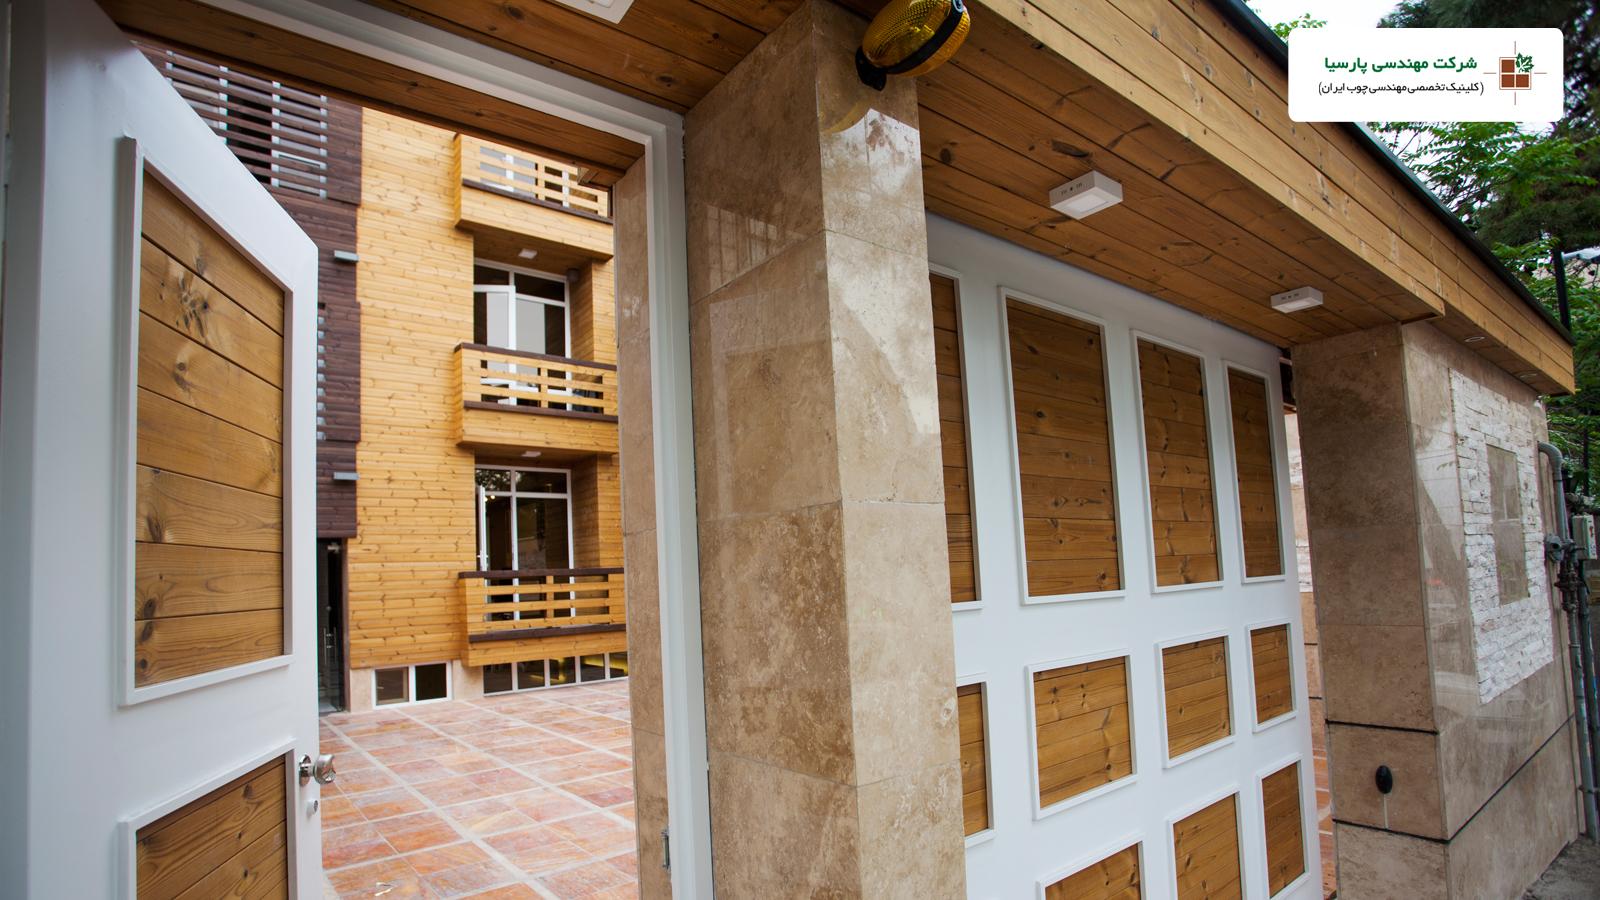 نمای ساختمان و درب پارکینگ از چوب ترمو